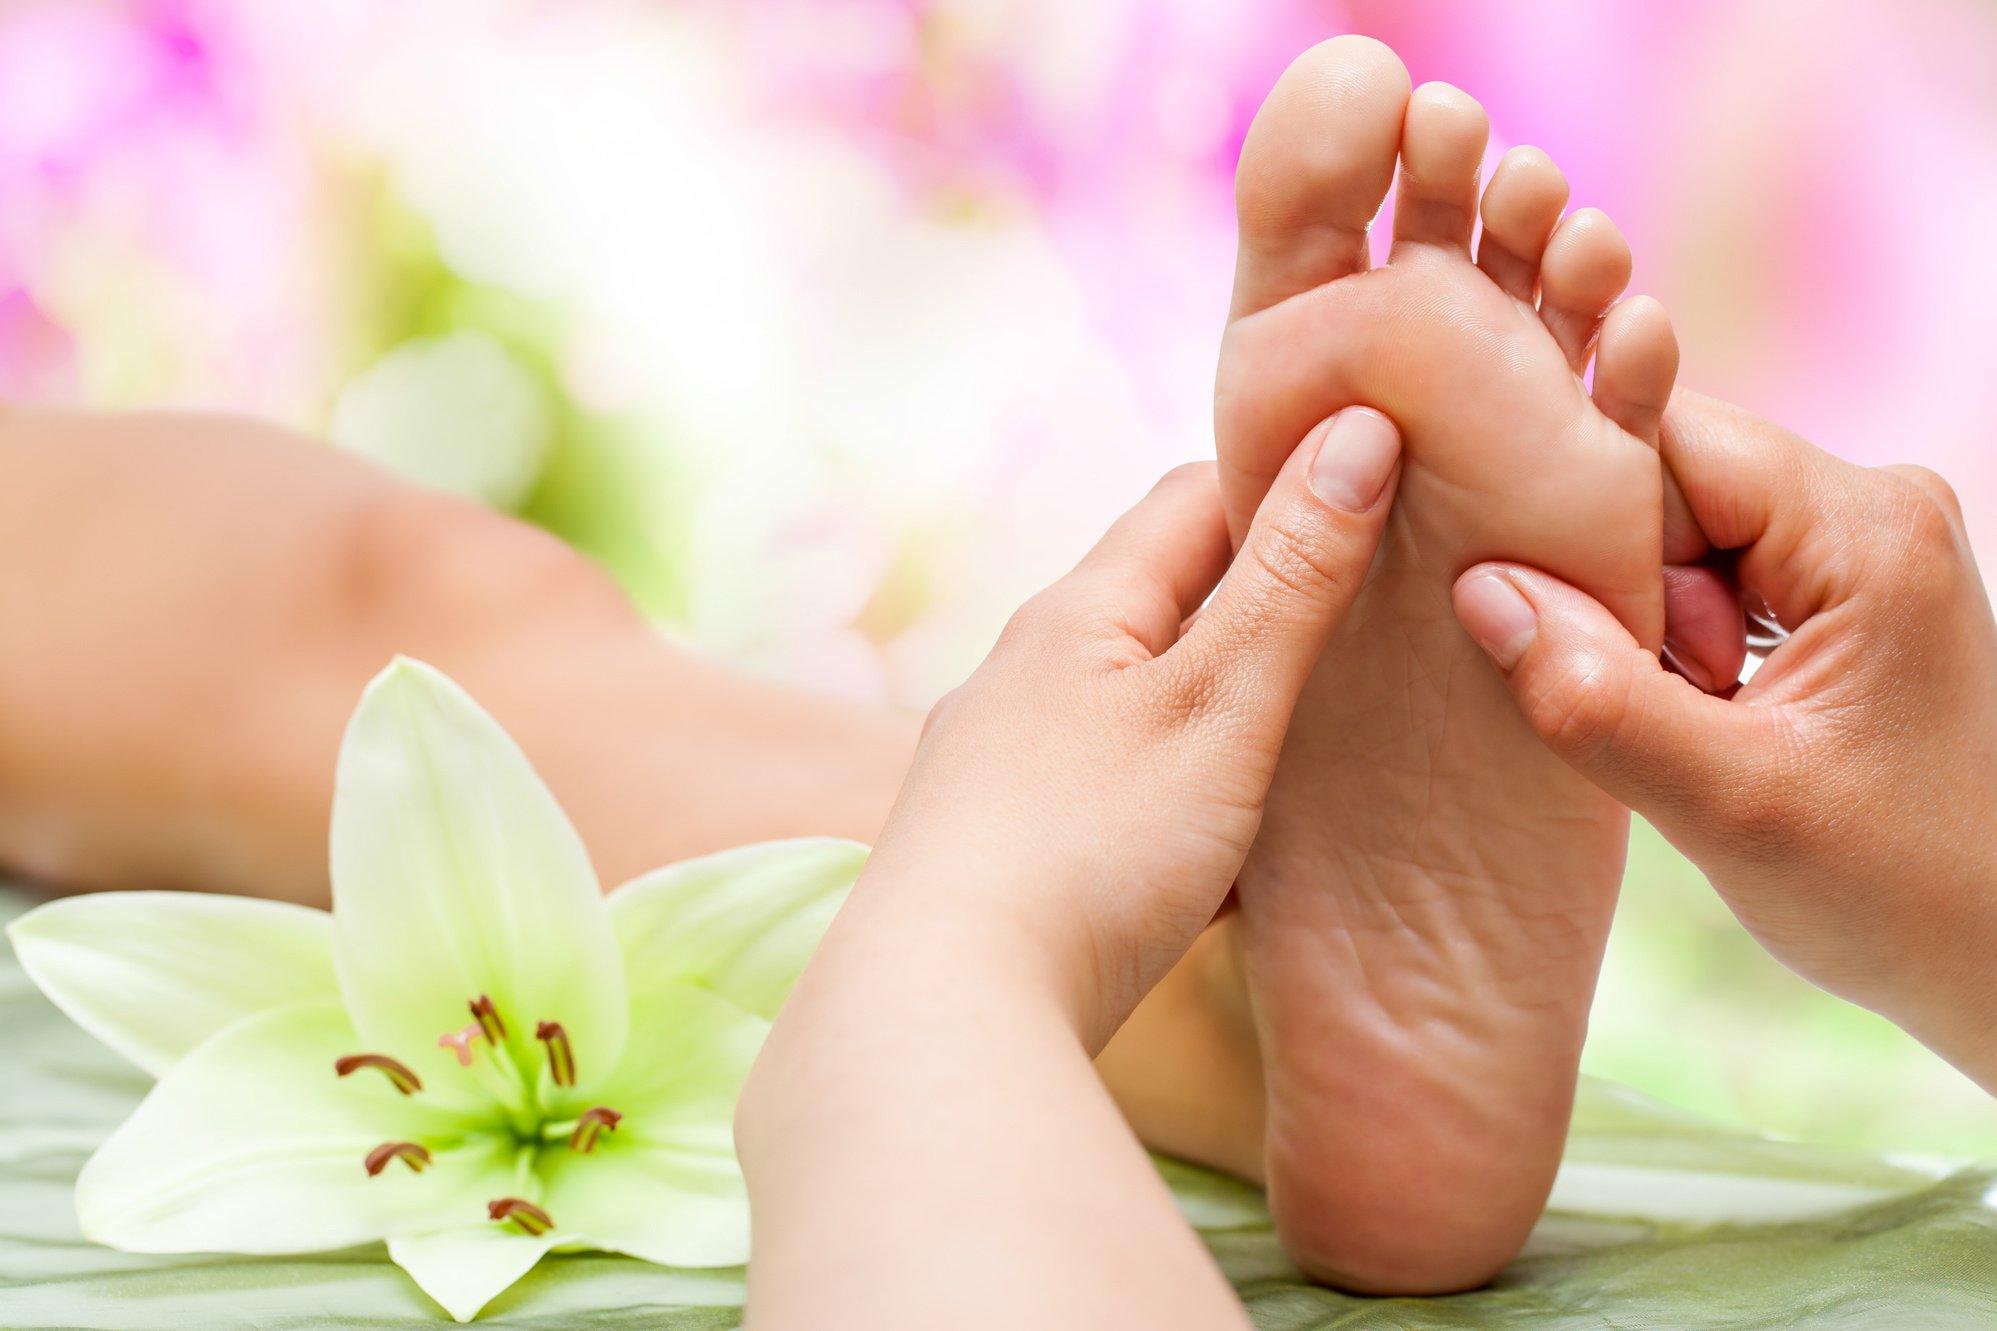 Chăm sóc đôi chân là chăm sóc sức khỏe và giấc ngủ, Bạn tin không?